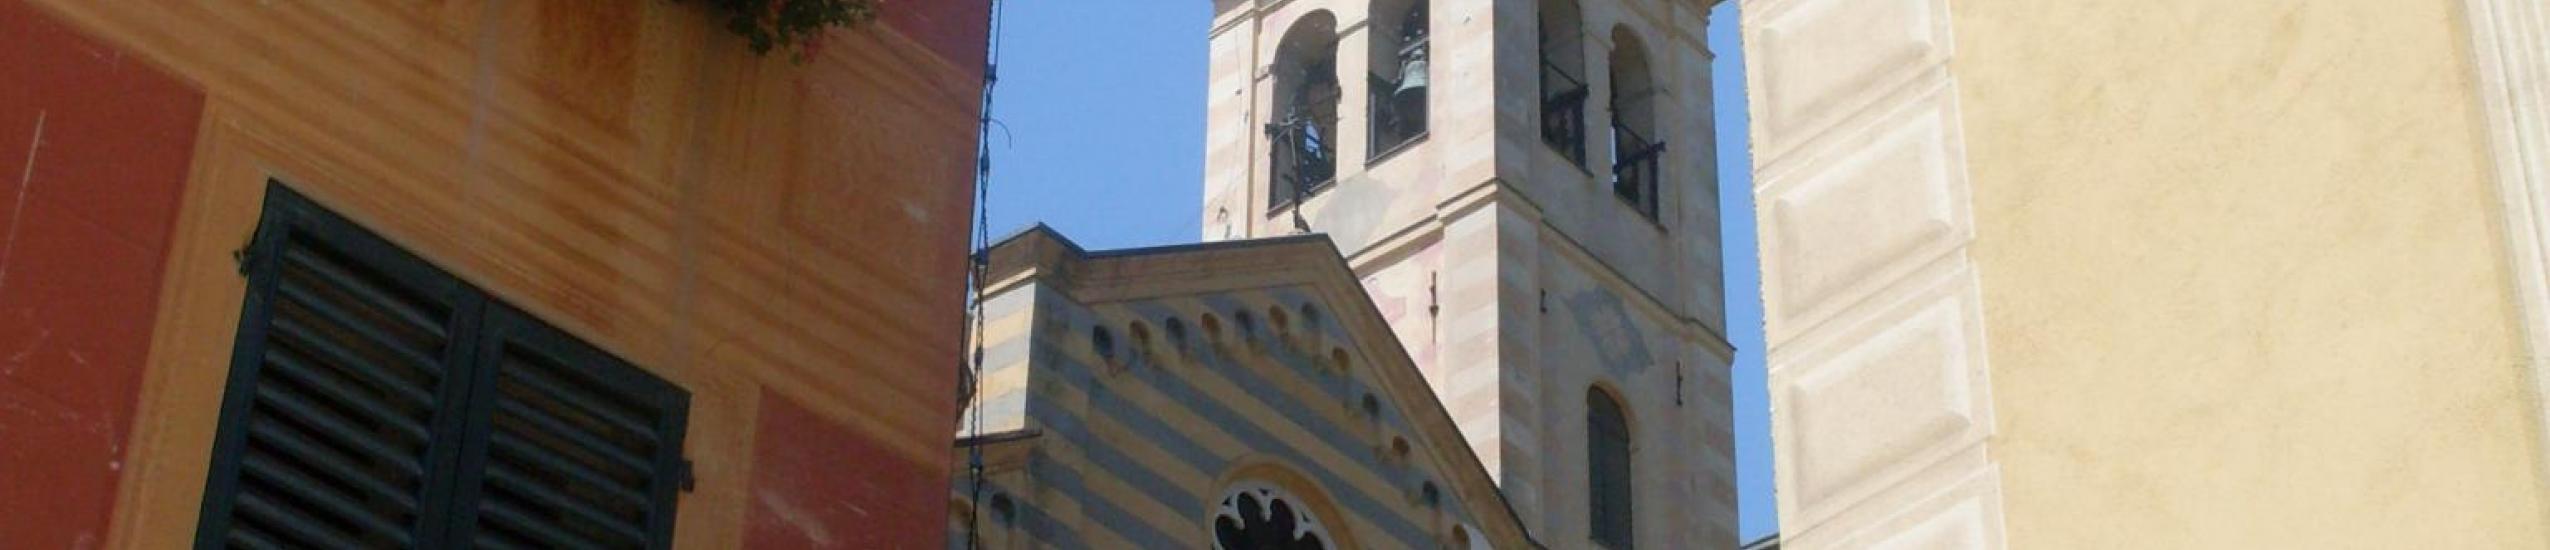 chiesa di divo martino